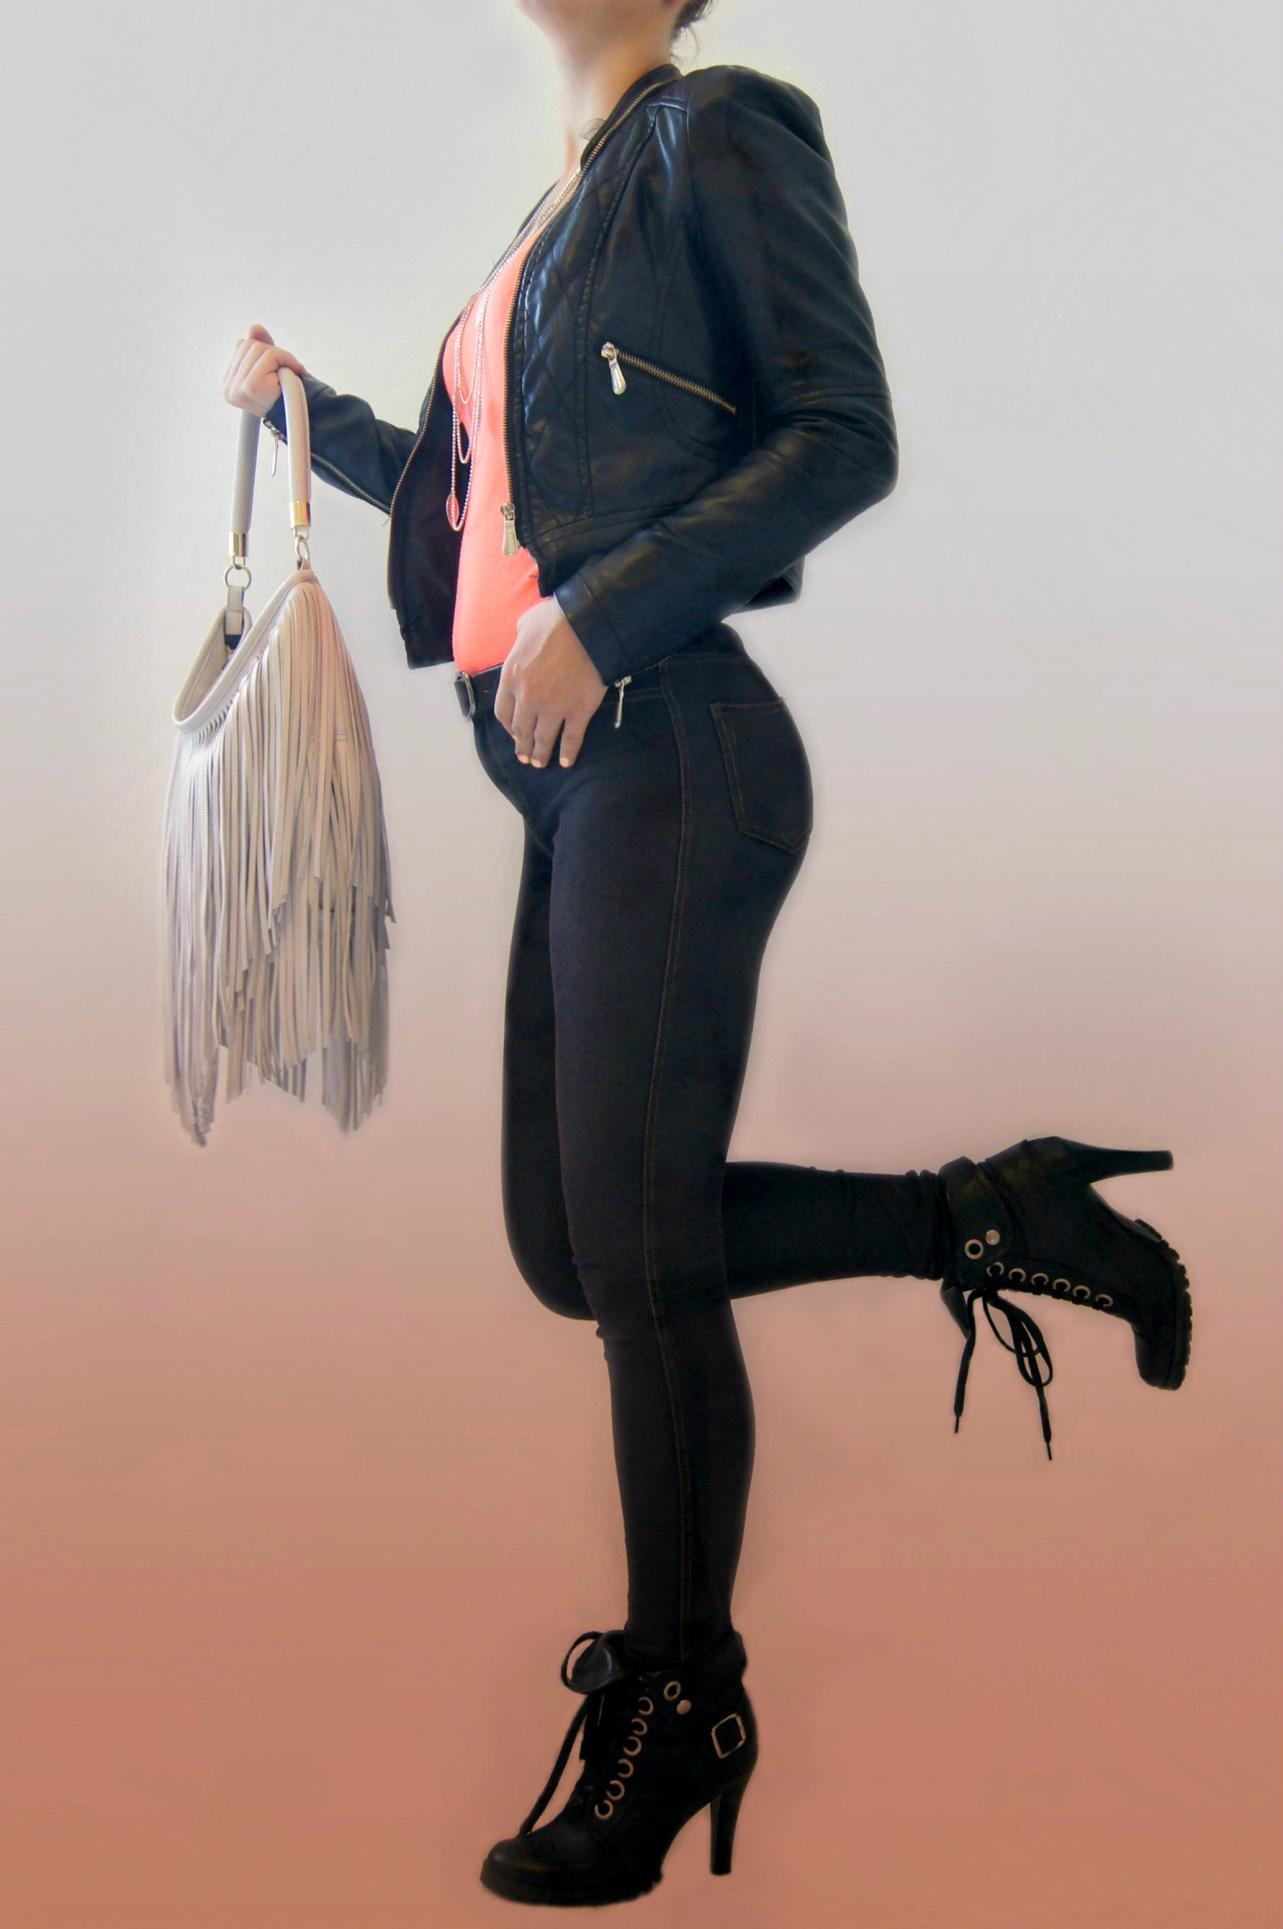 Style vestimentaire - Relooking - Conseil en image